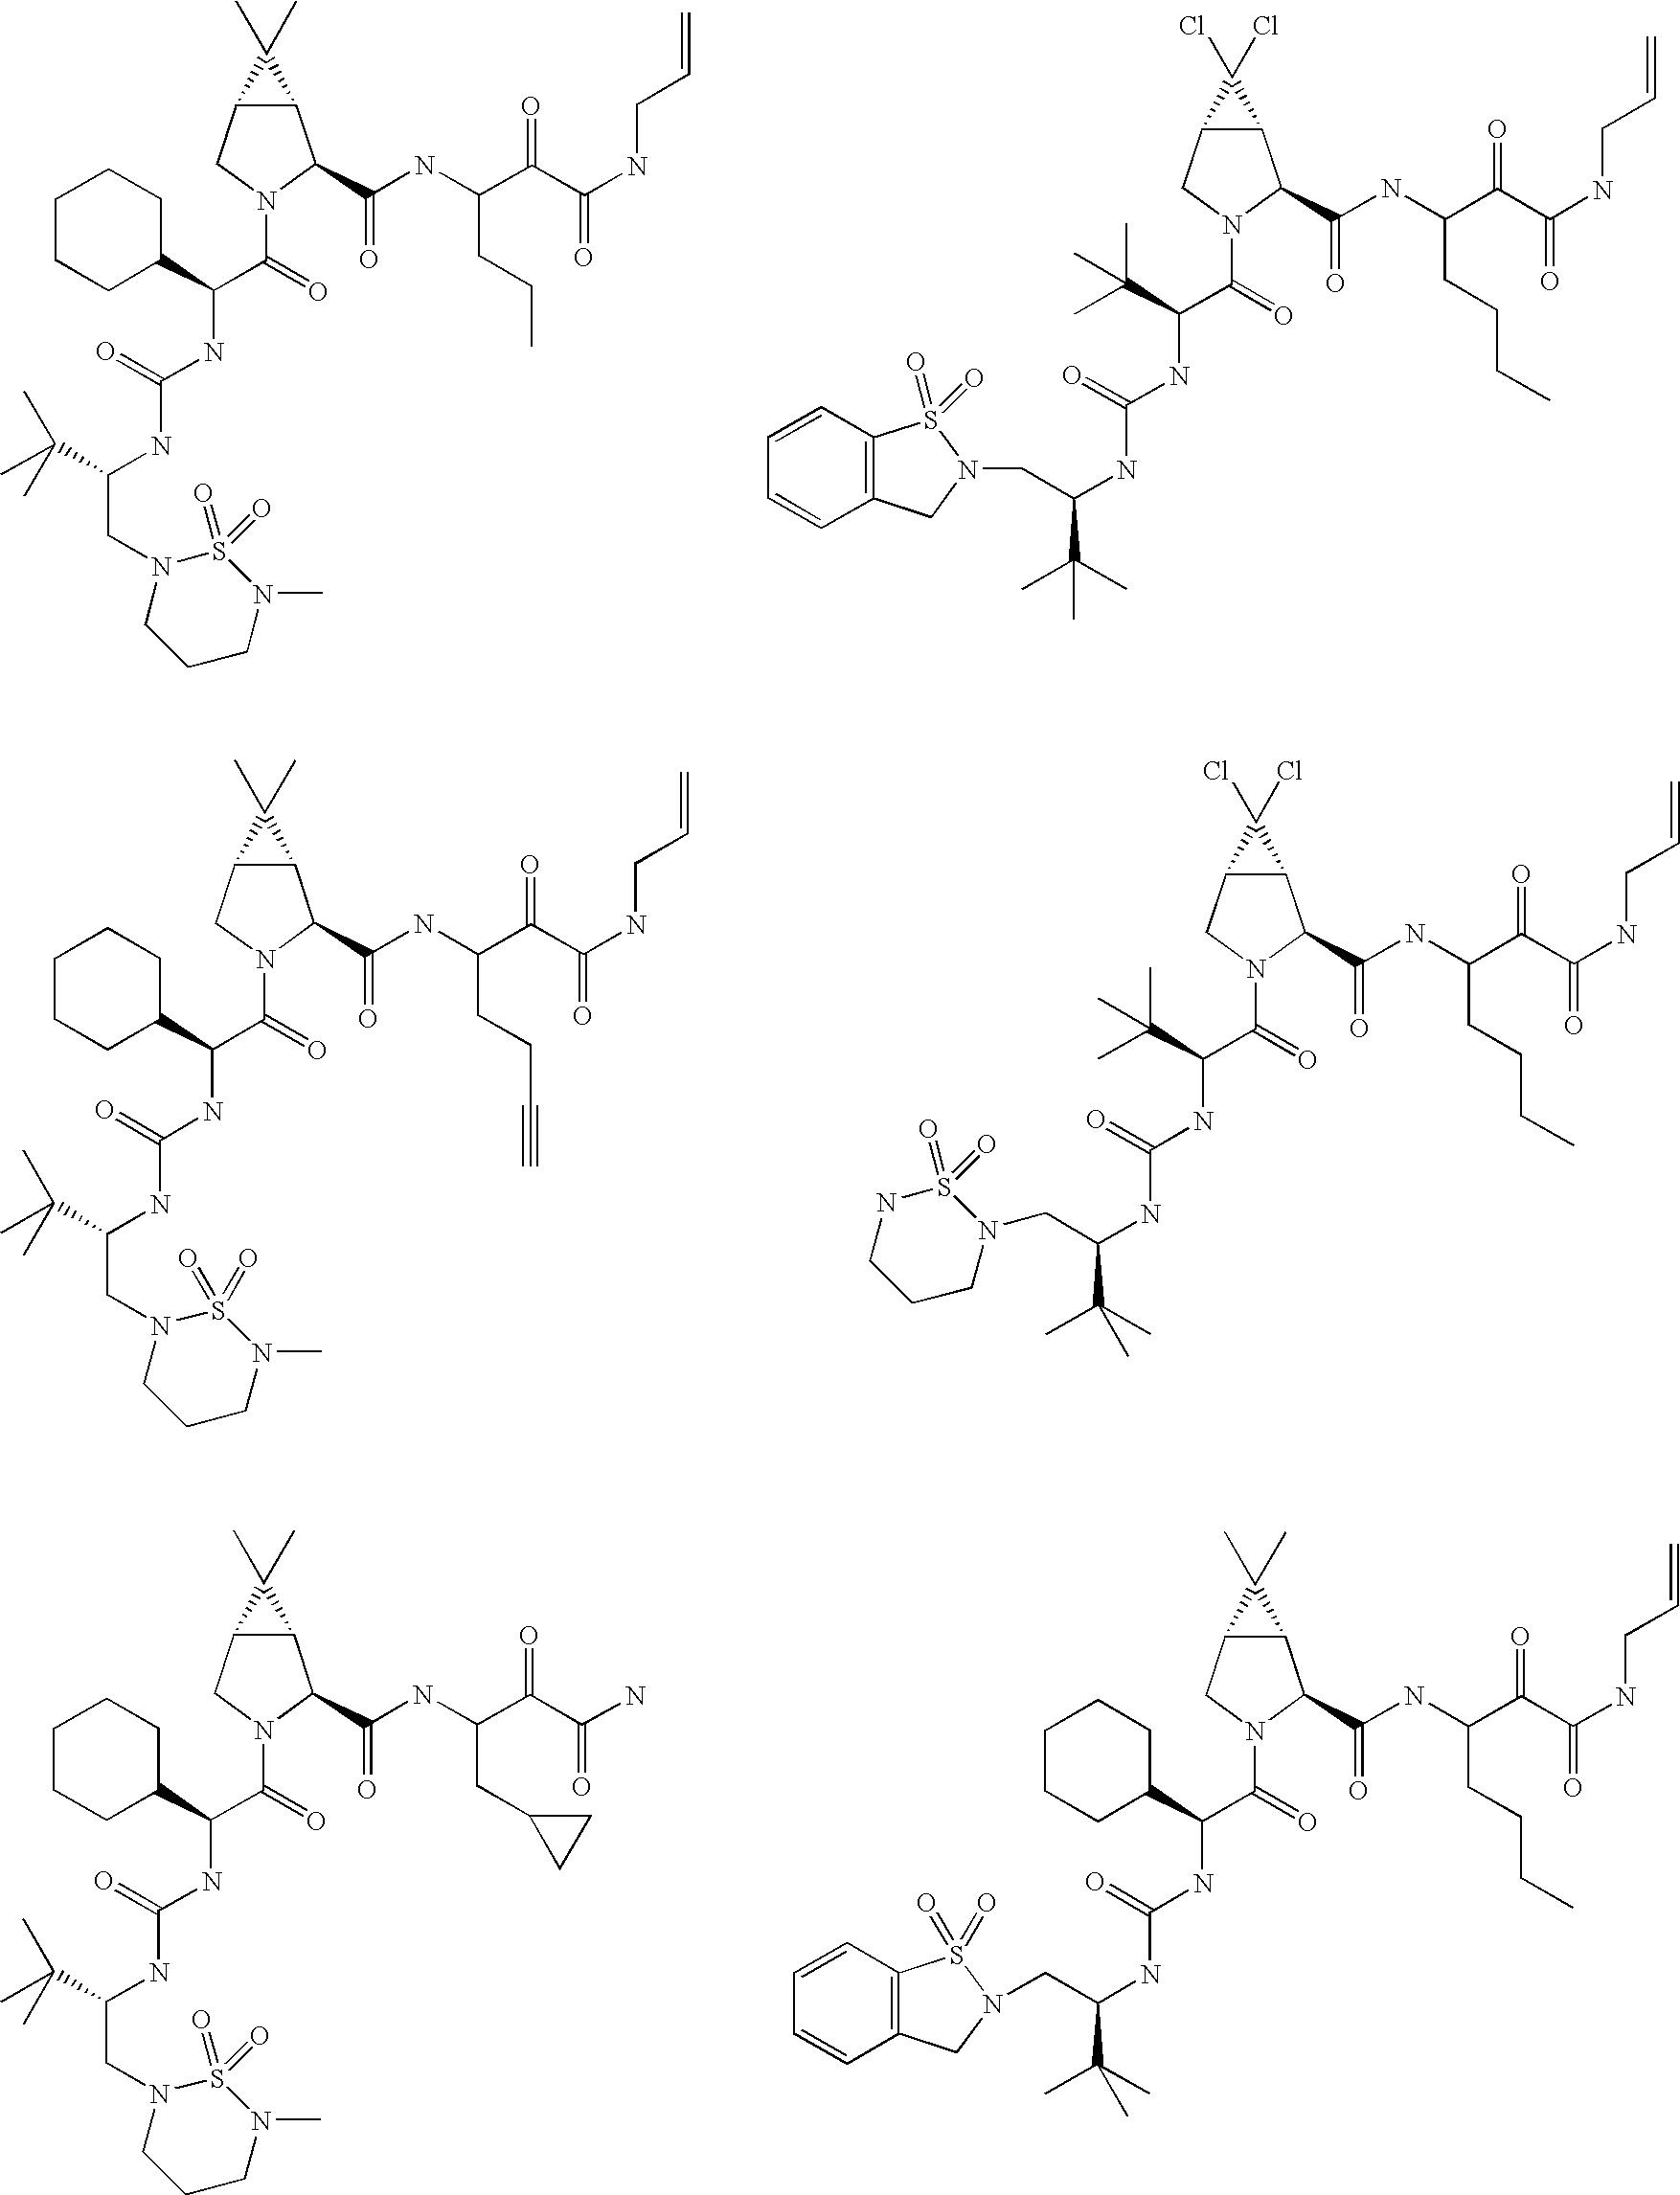 Figure US20060287248A1-20061221-C00403